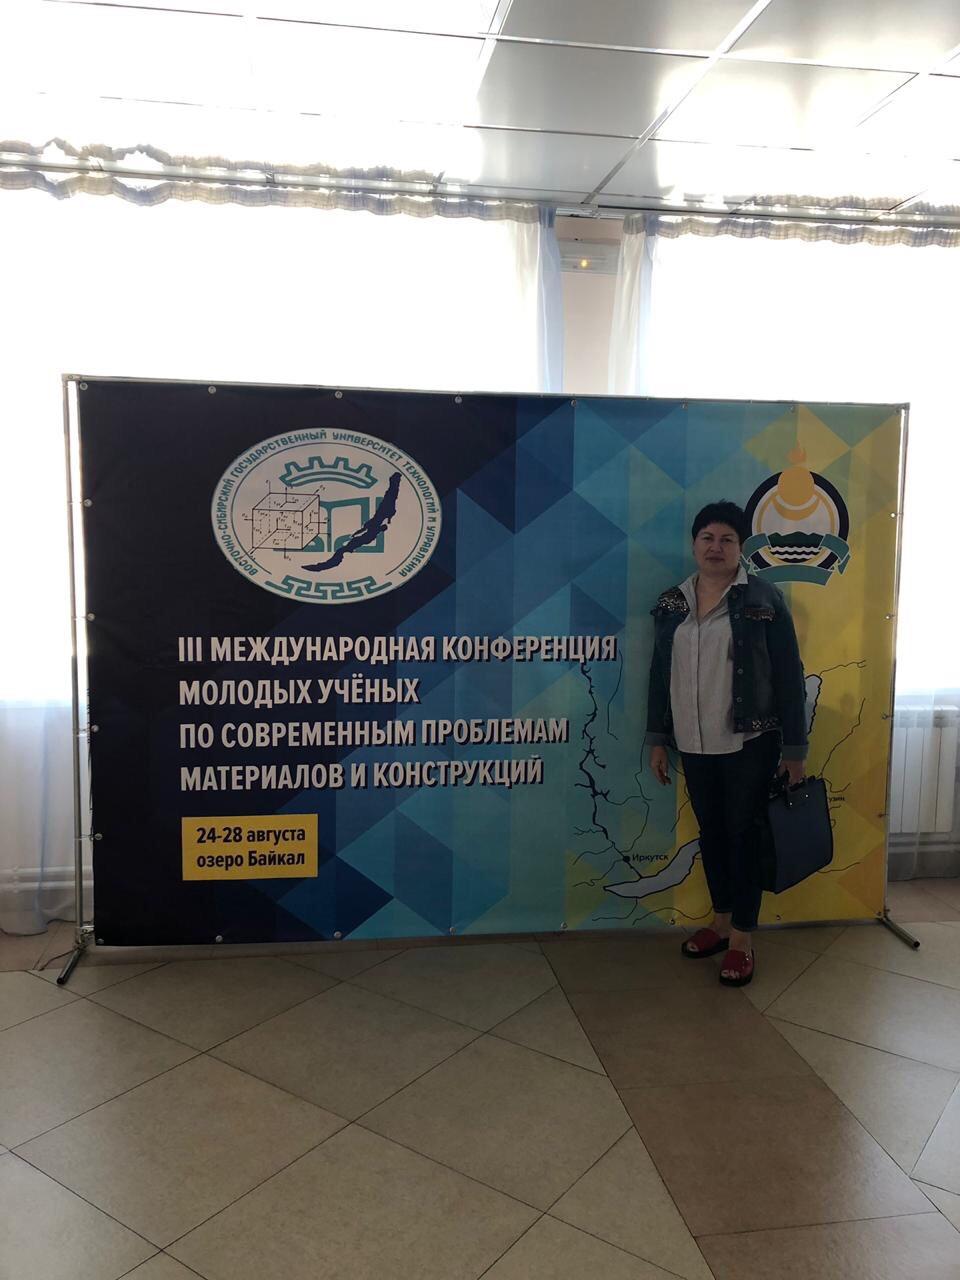 III Международная конференция молодых ученых по современным проблемам материалов и конструкций